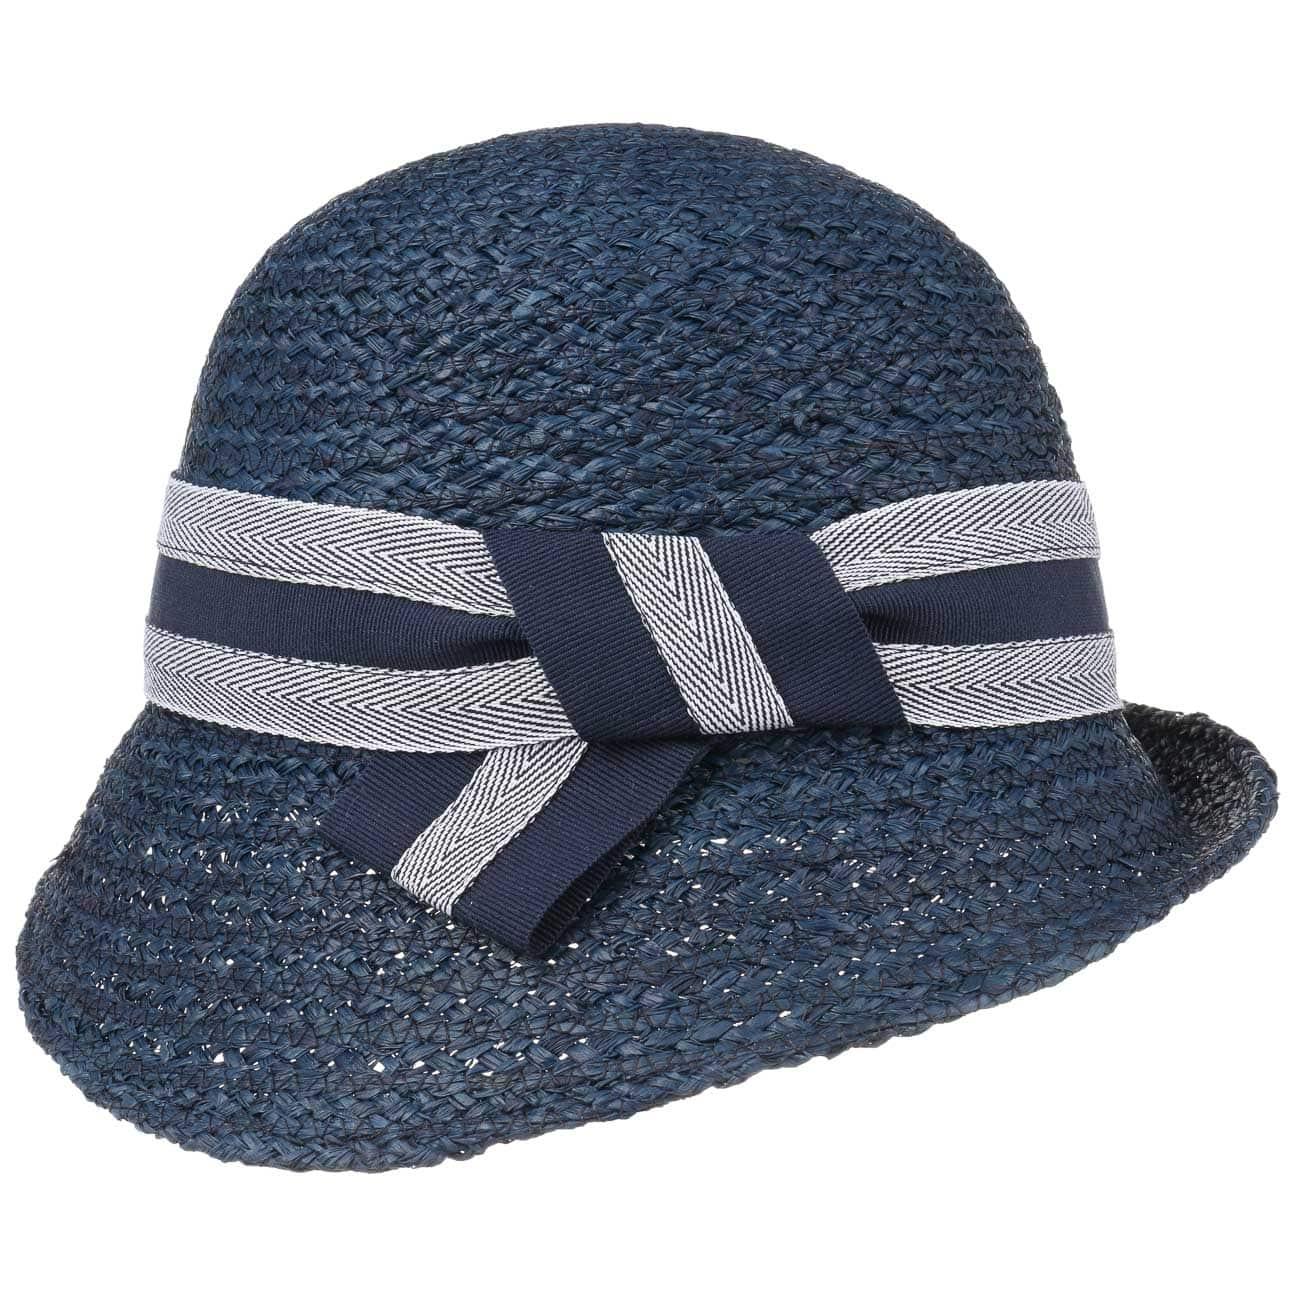 Chapeau Cloche de Raphia Yvonne by bedacht  chapeau pour femme